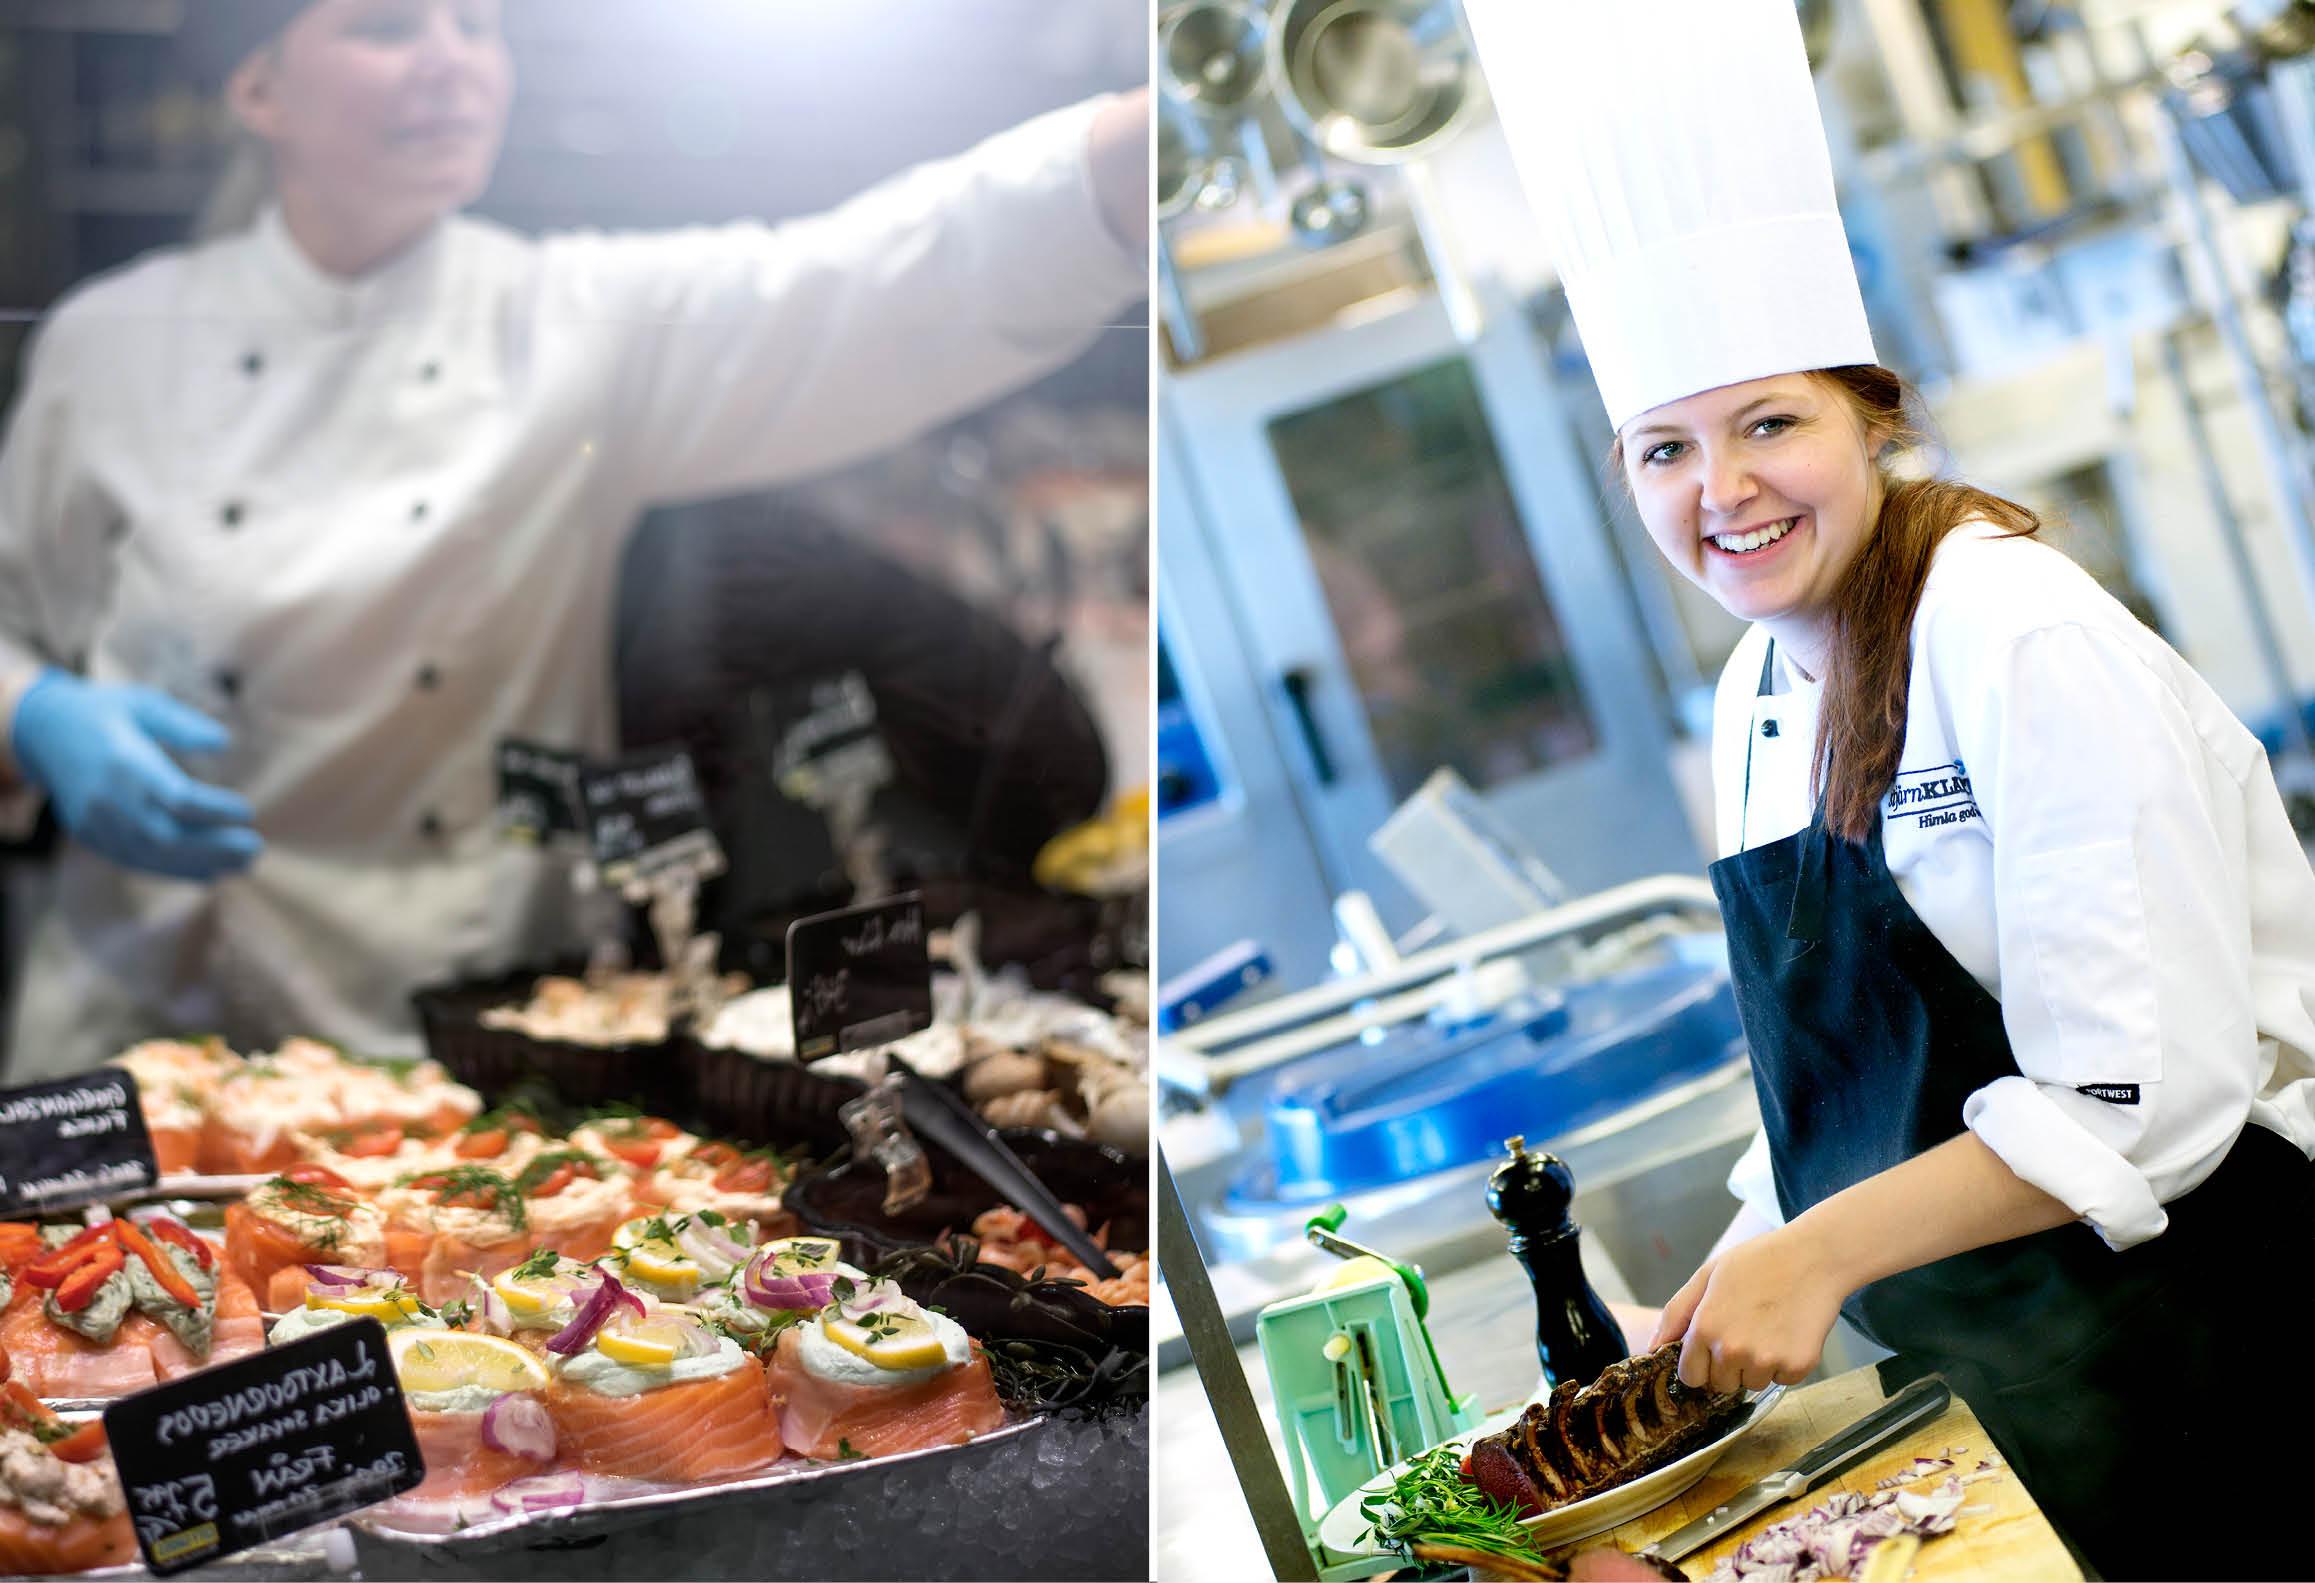 Vänster bild visar butikssäljare vid charkdisk. Höger bild visar kock som lagar mat i restaurangkök